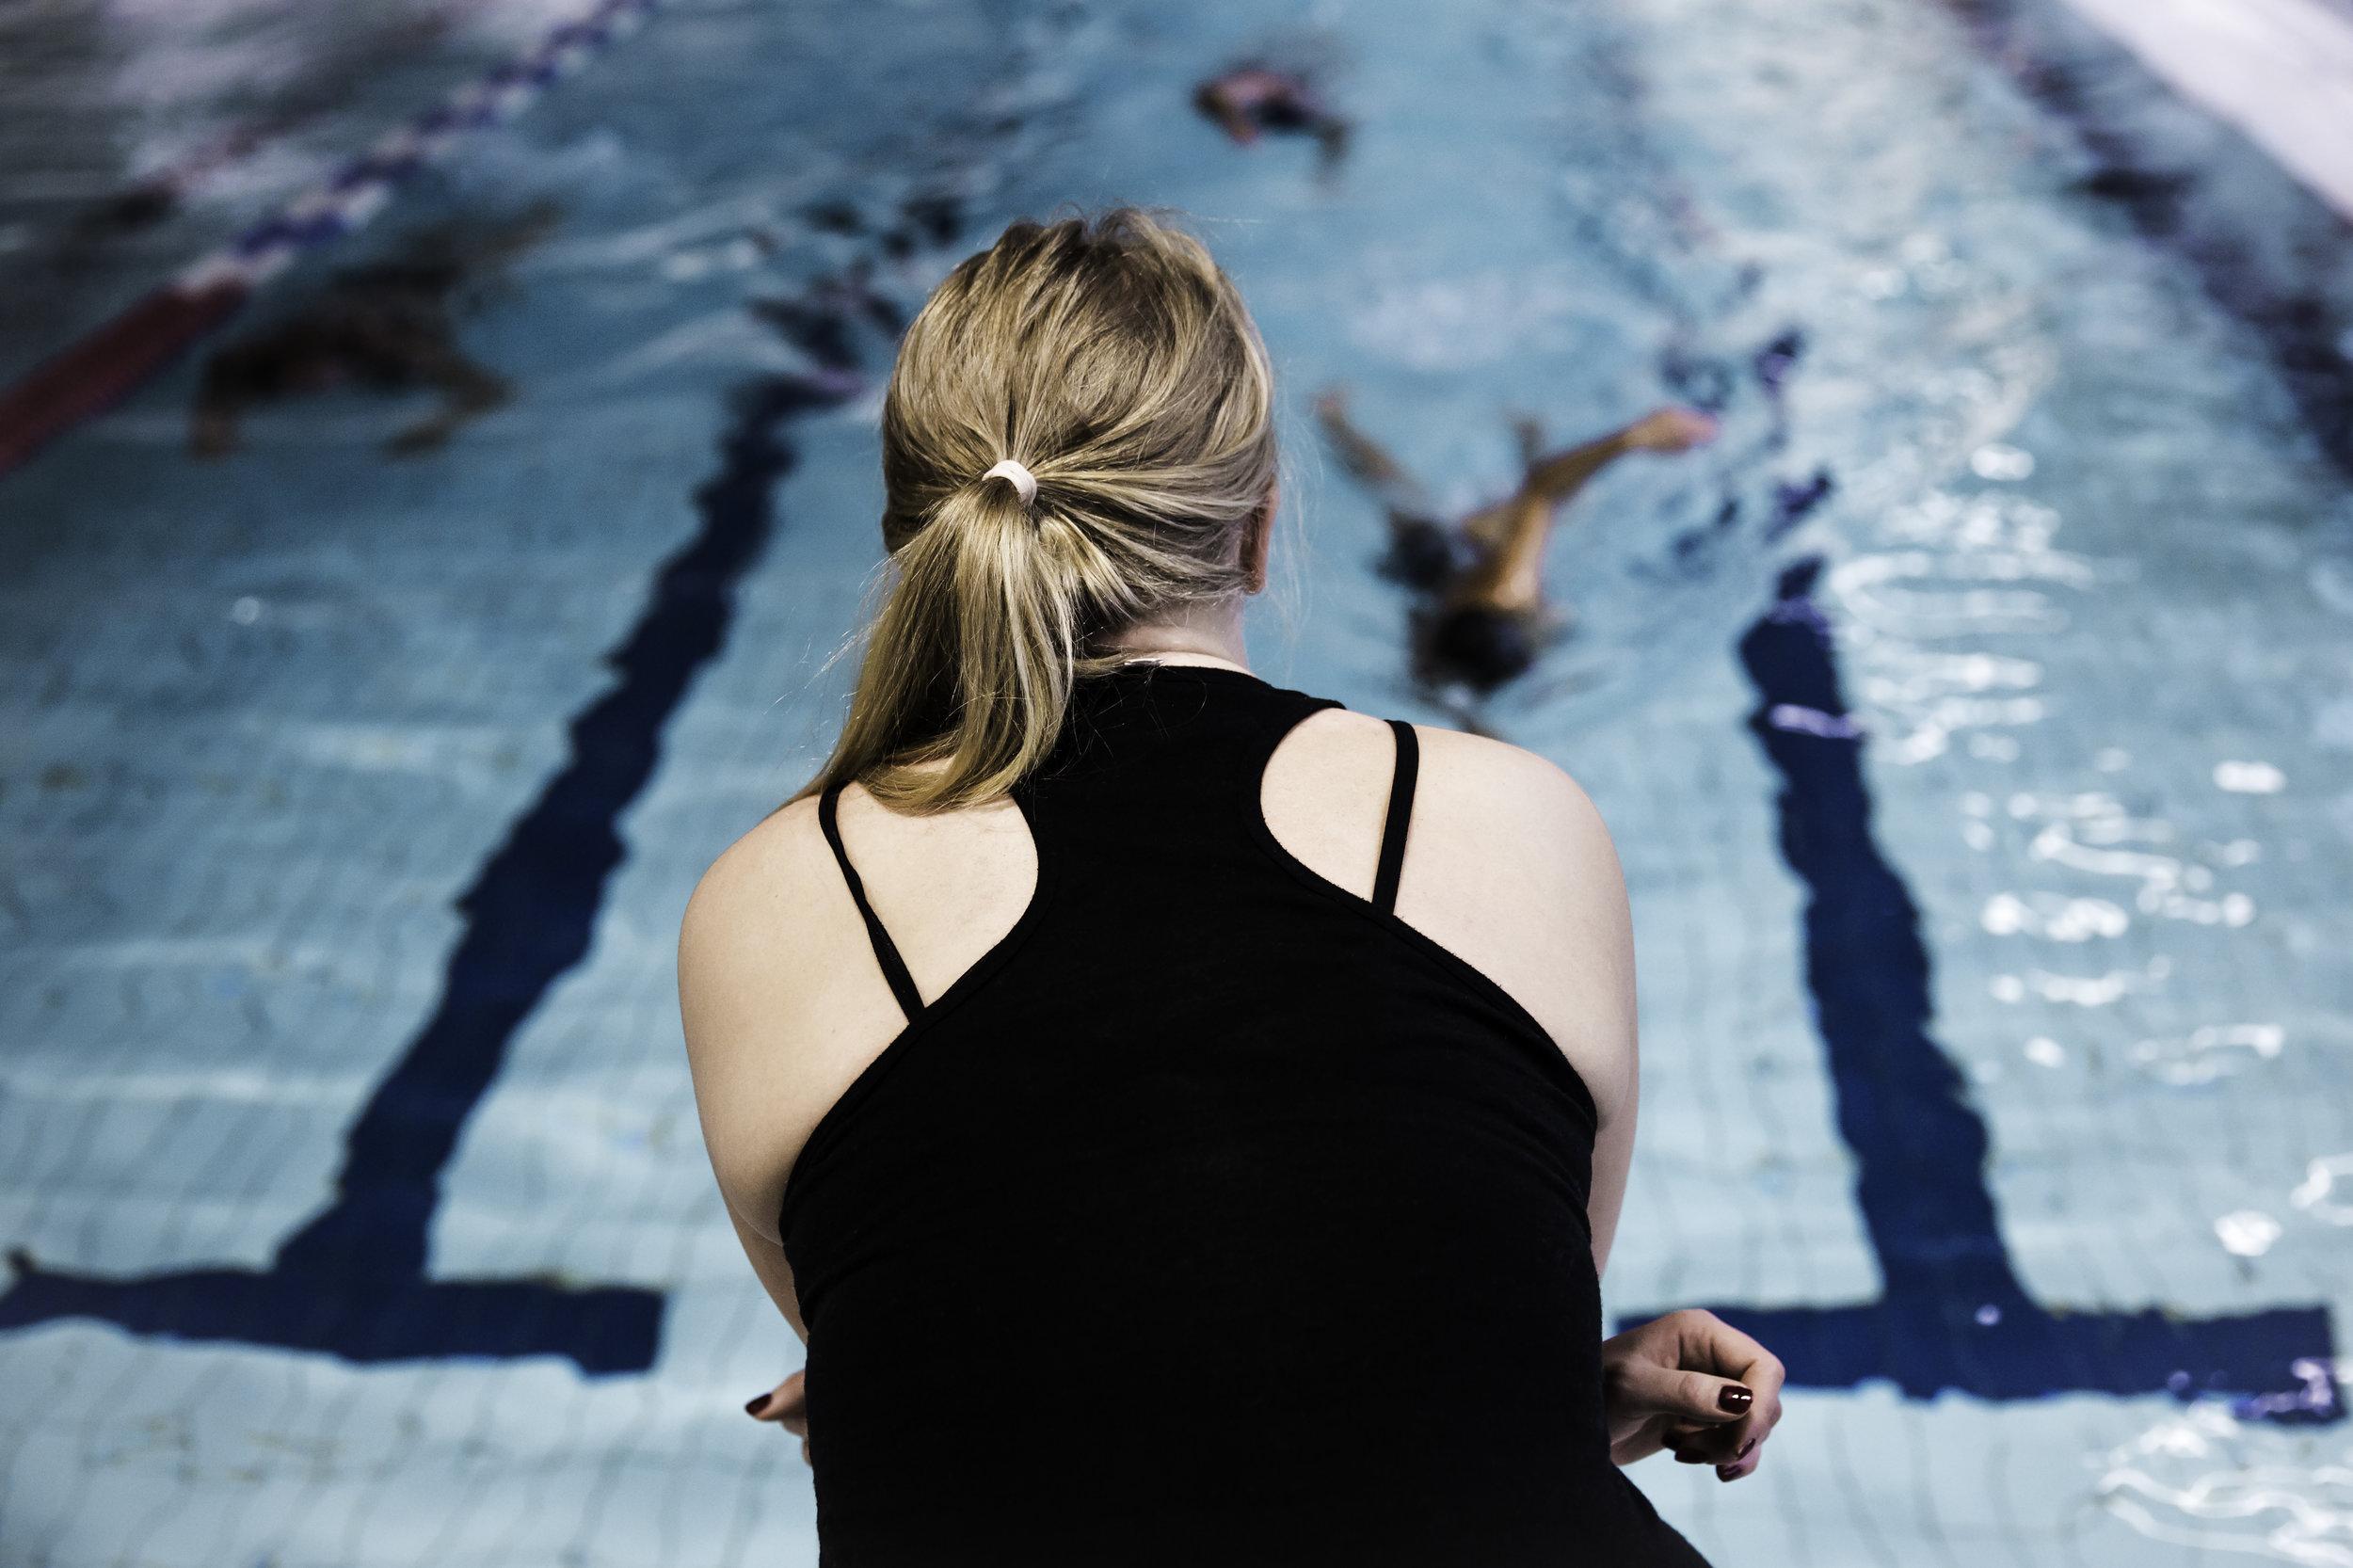 UINNIN TEKNIIKKA-ANALYYSI - Avartava tapa oppia lisää omasta uintitekniikasta. Kehotietoisuus lisääntyy ja ymmärrys kasvaa.